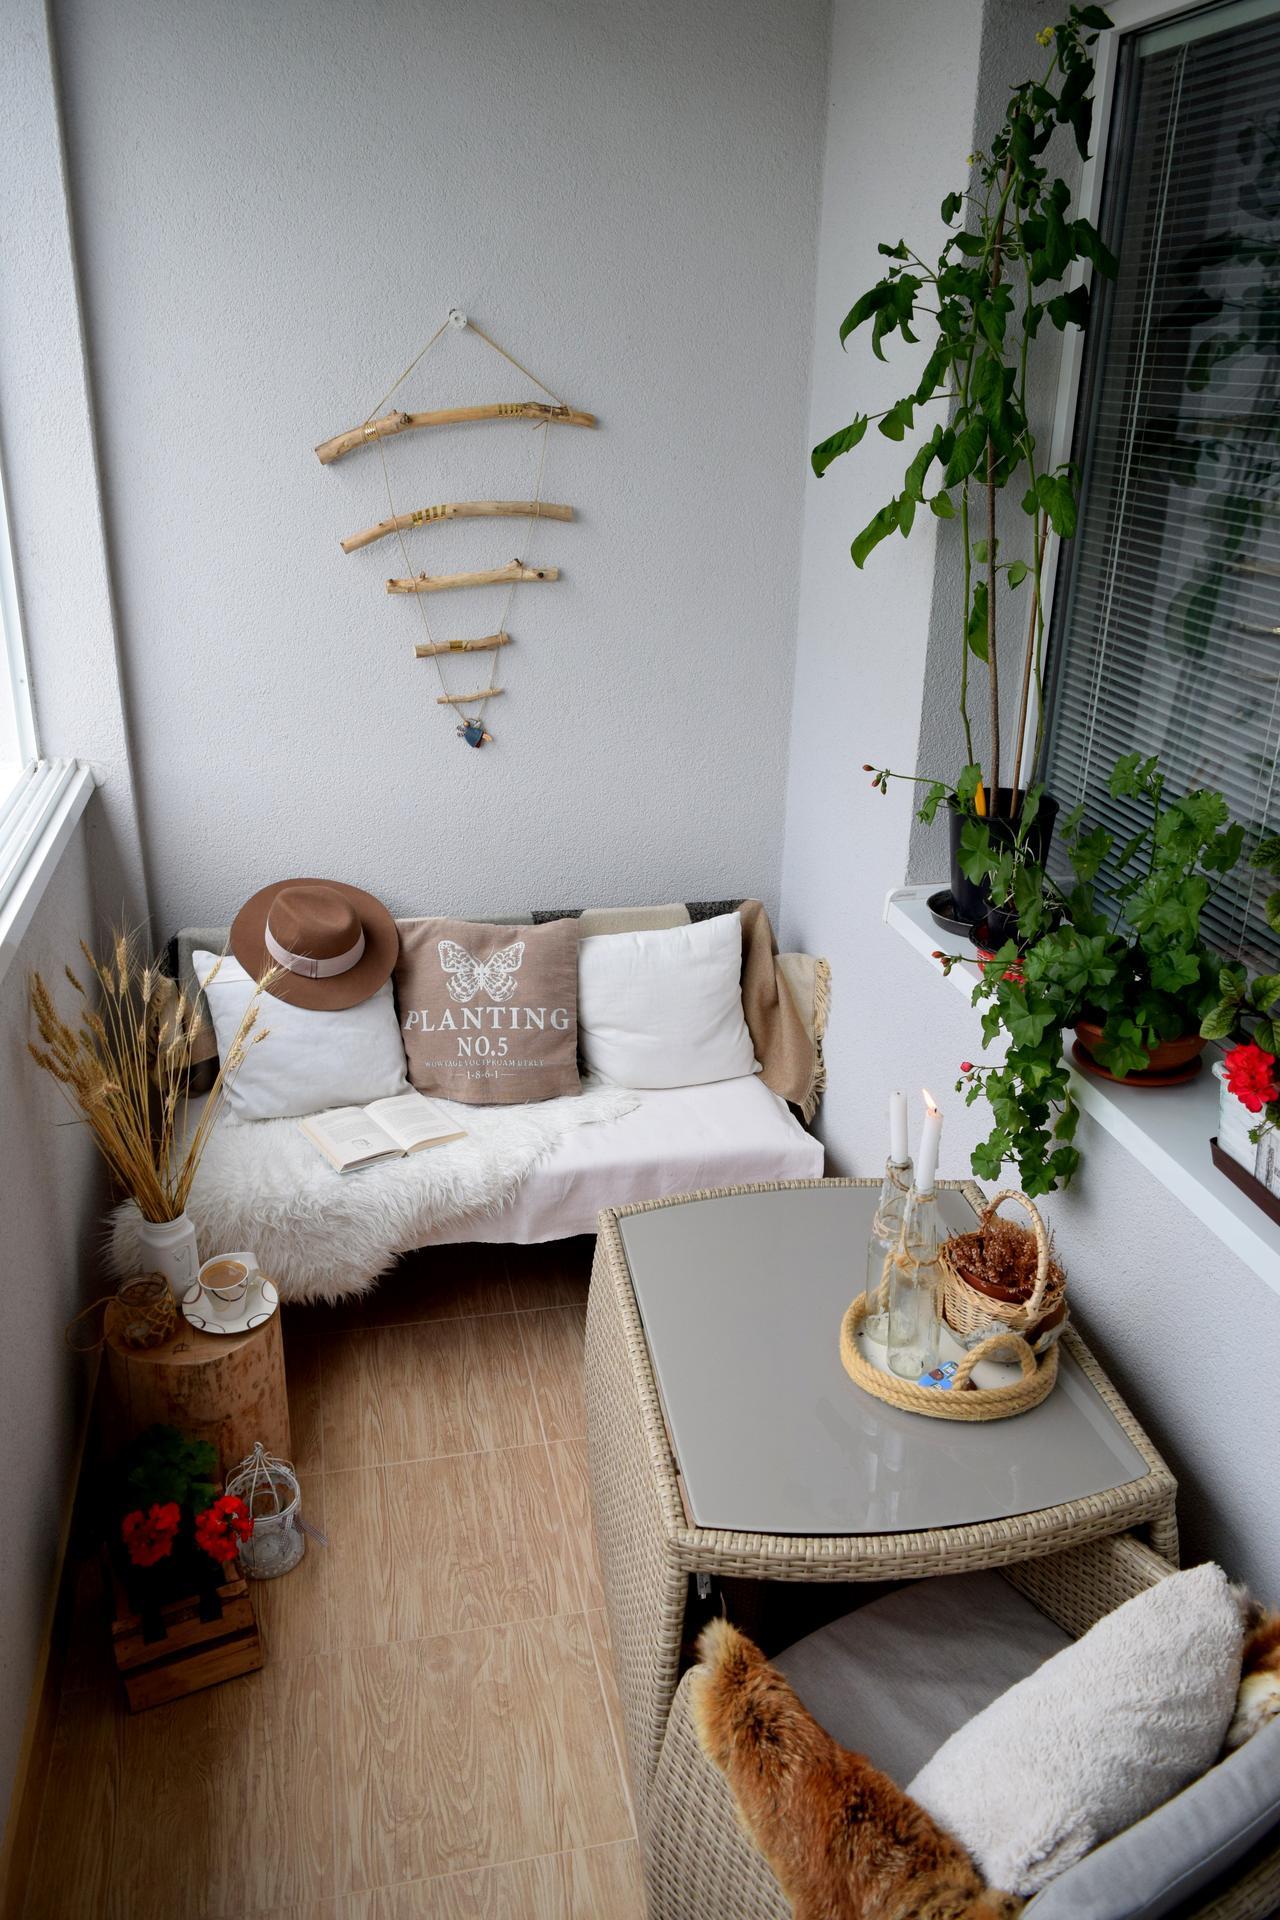 Leto na balkóne - Stačia vankúše, deky, kožušiny, hneď je balkón útulnejší.